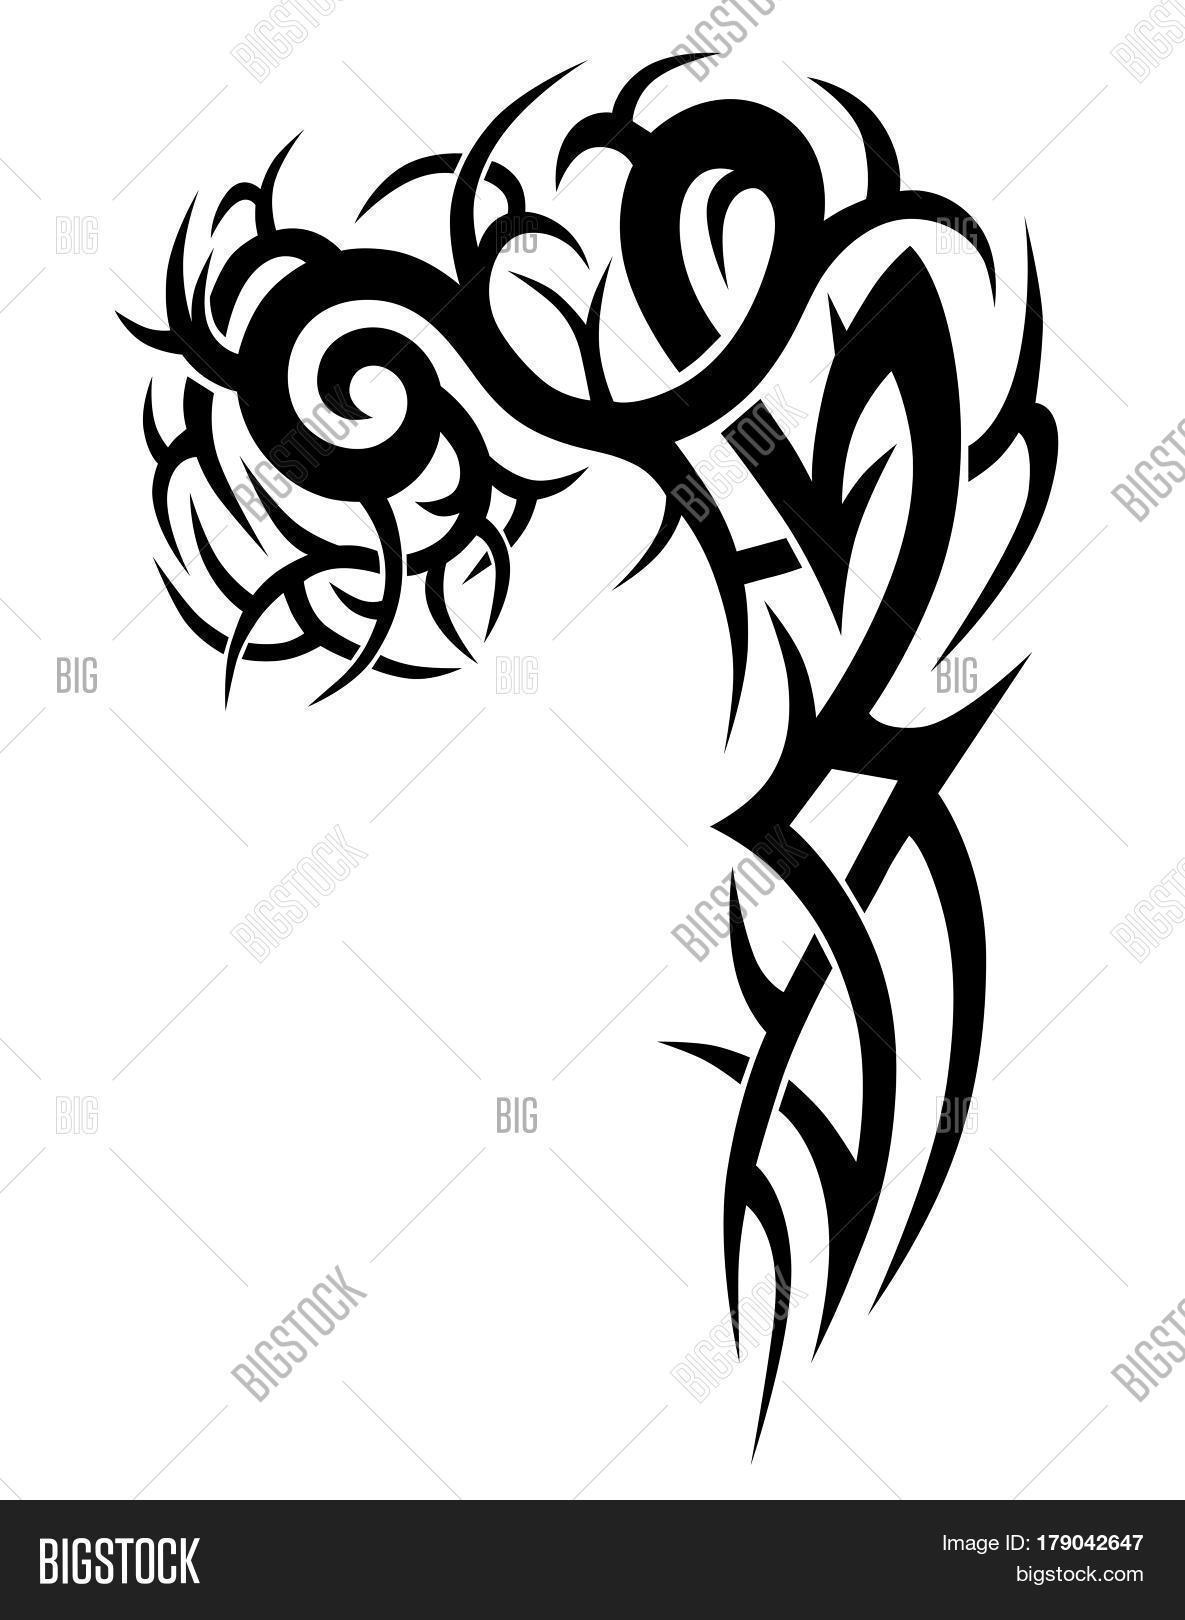 Tribal Tattoo Art Designs